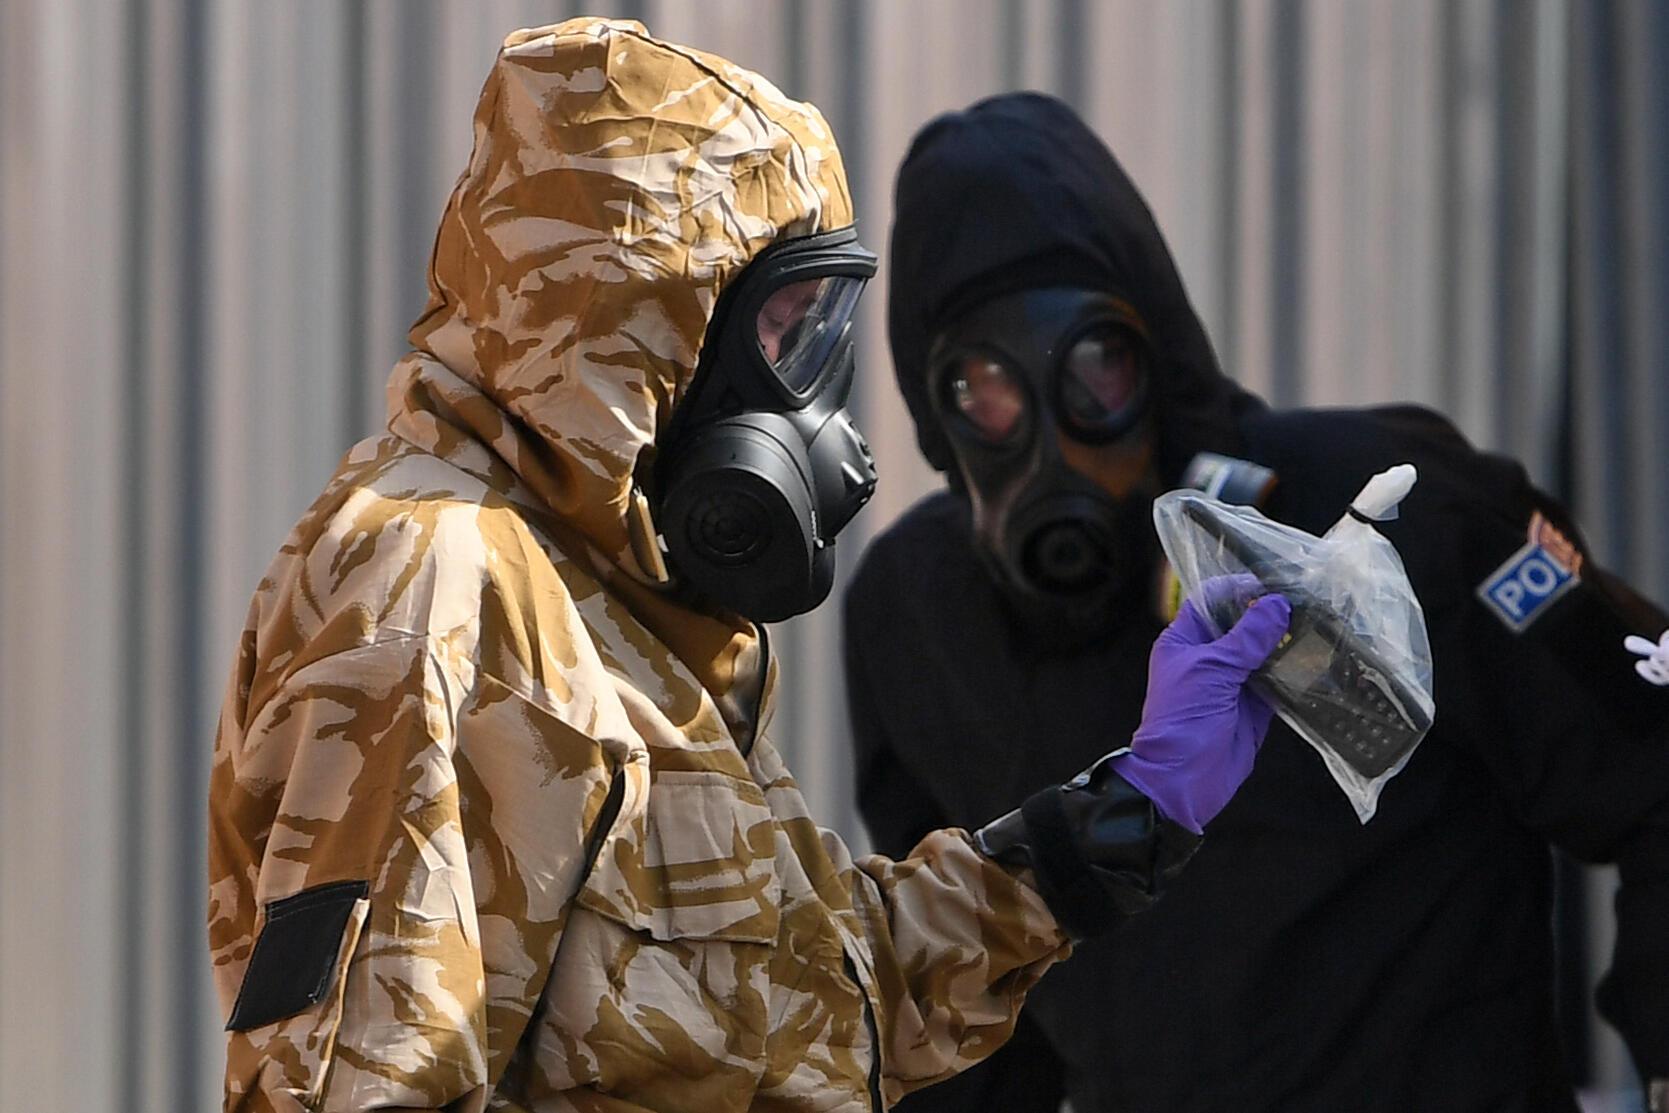 """محقق يرتدي بدلة واقية وقفازات وقناع أثناء تحليله لغاز """"نوفيتشوك"""" السام، بشارع روليستون، جنوب إنكلترا، في 6 يوليو 2018"""